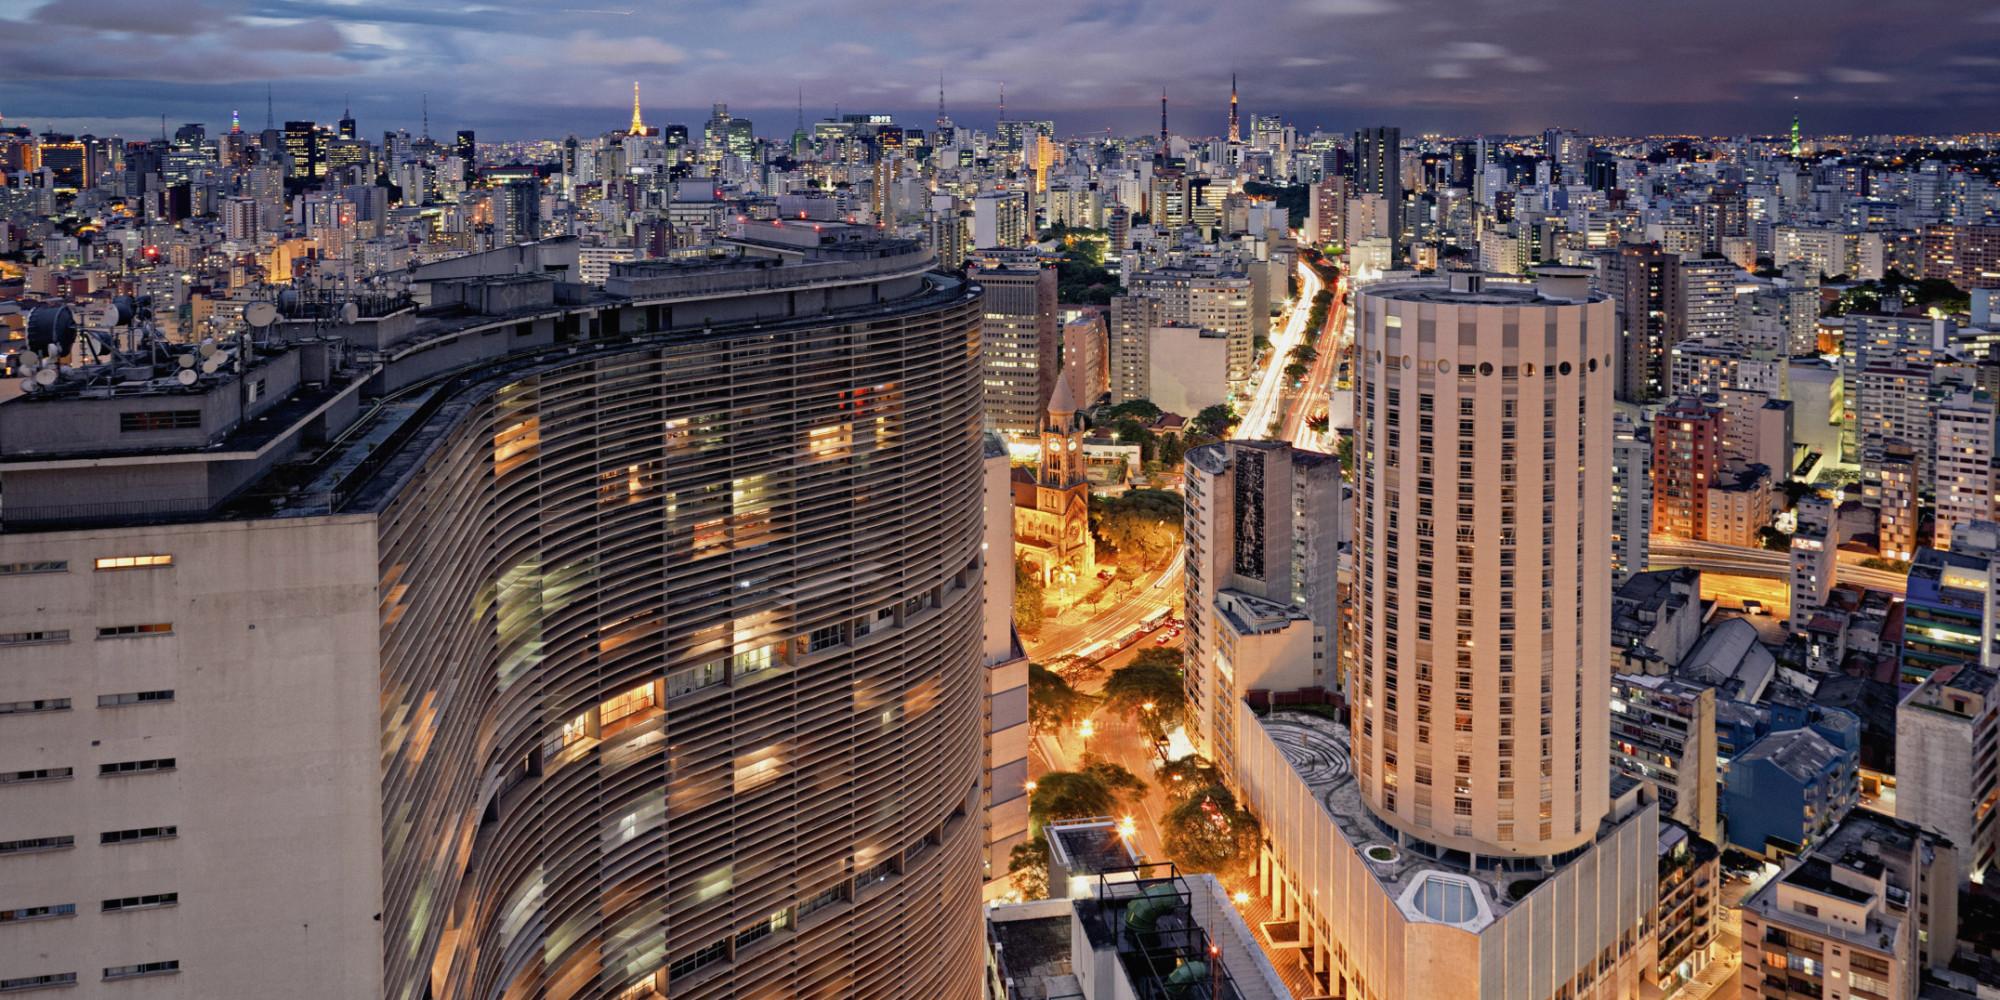 Animação conta a história de 5 edifícios ícones de São Paulo